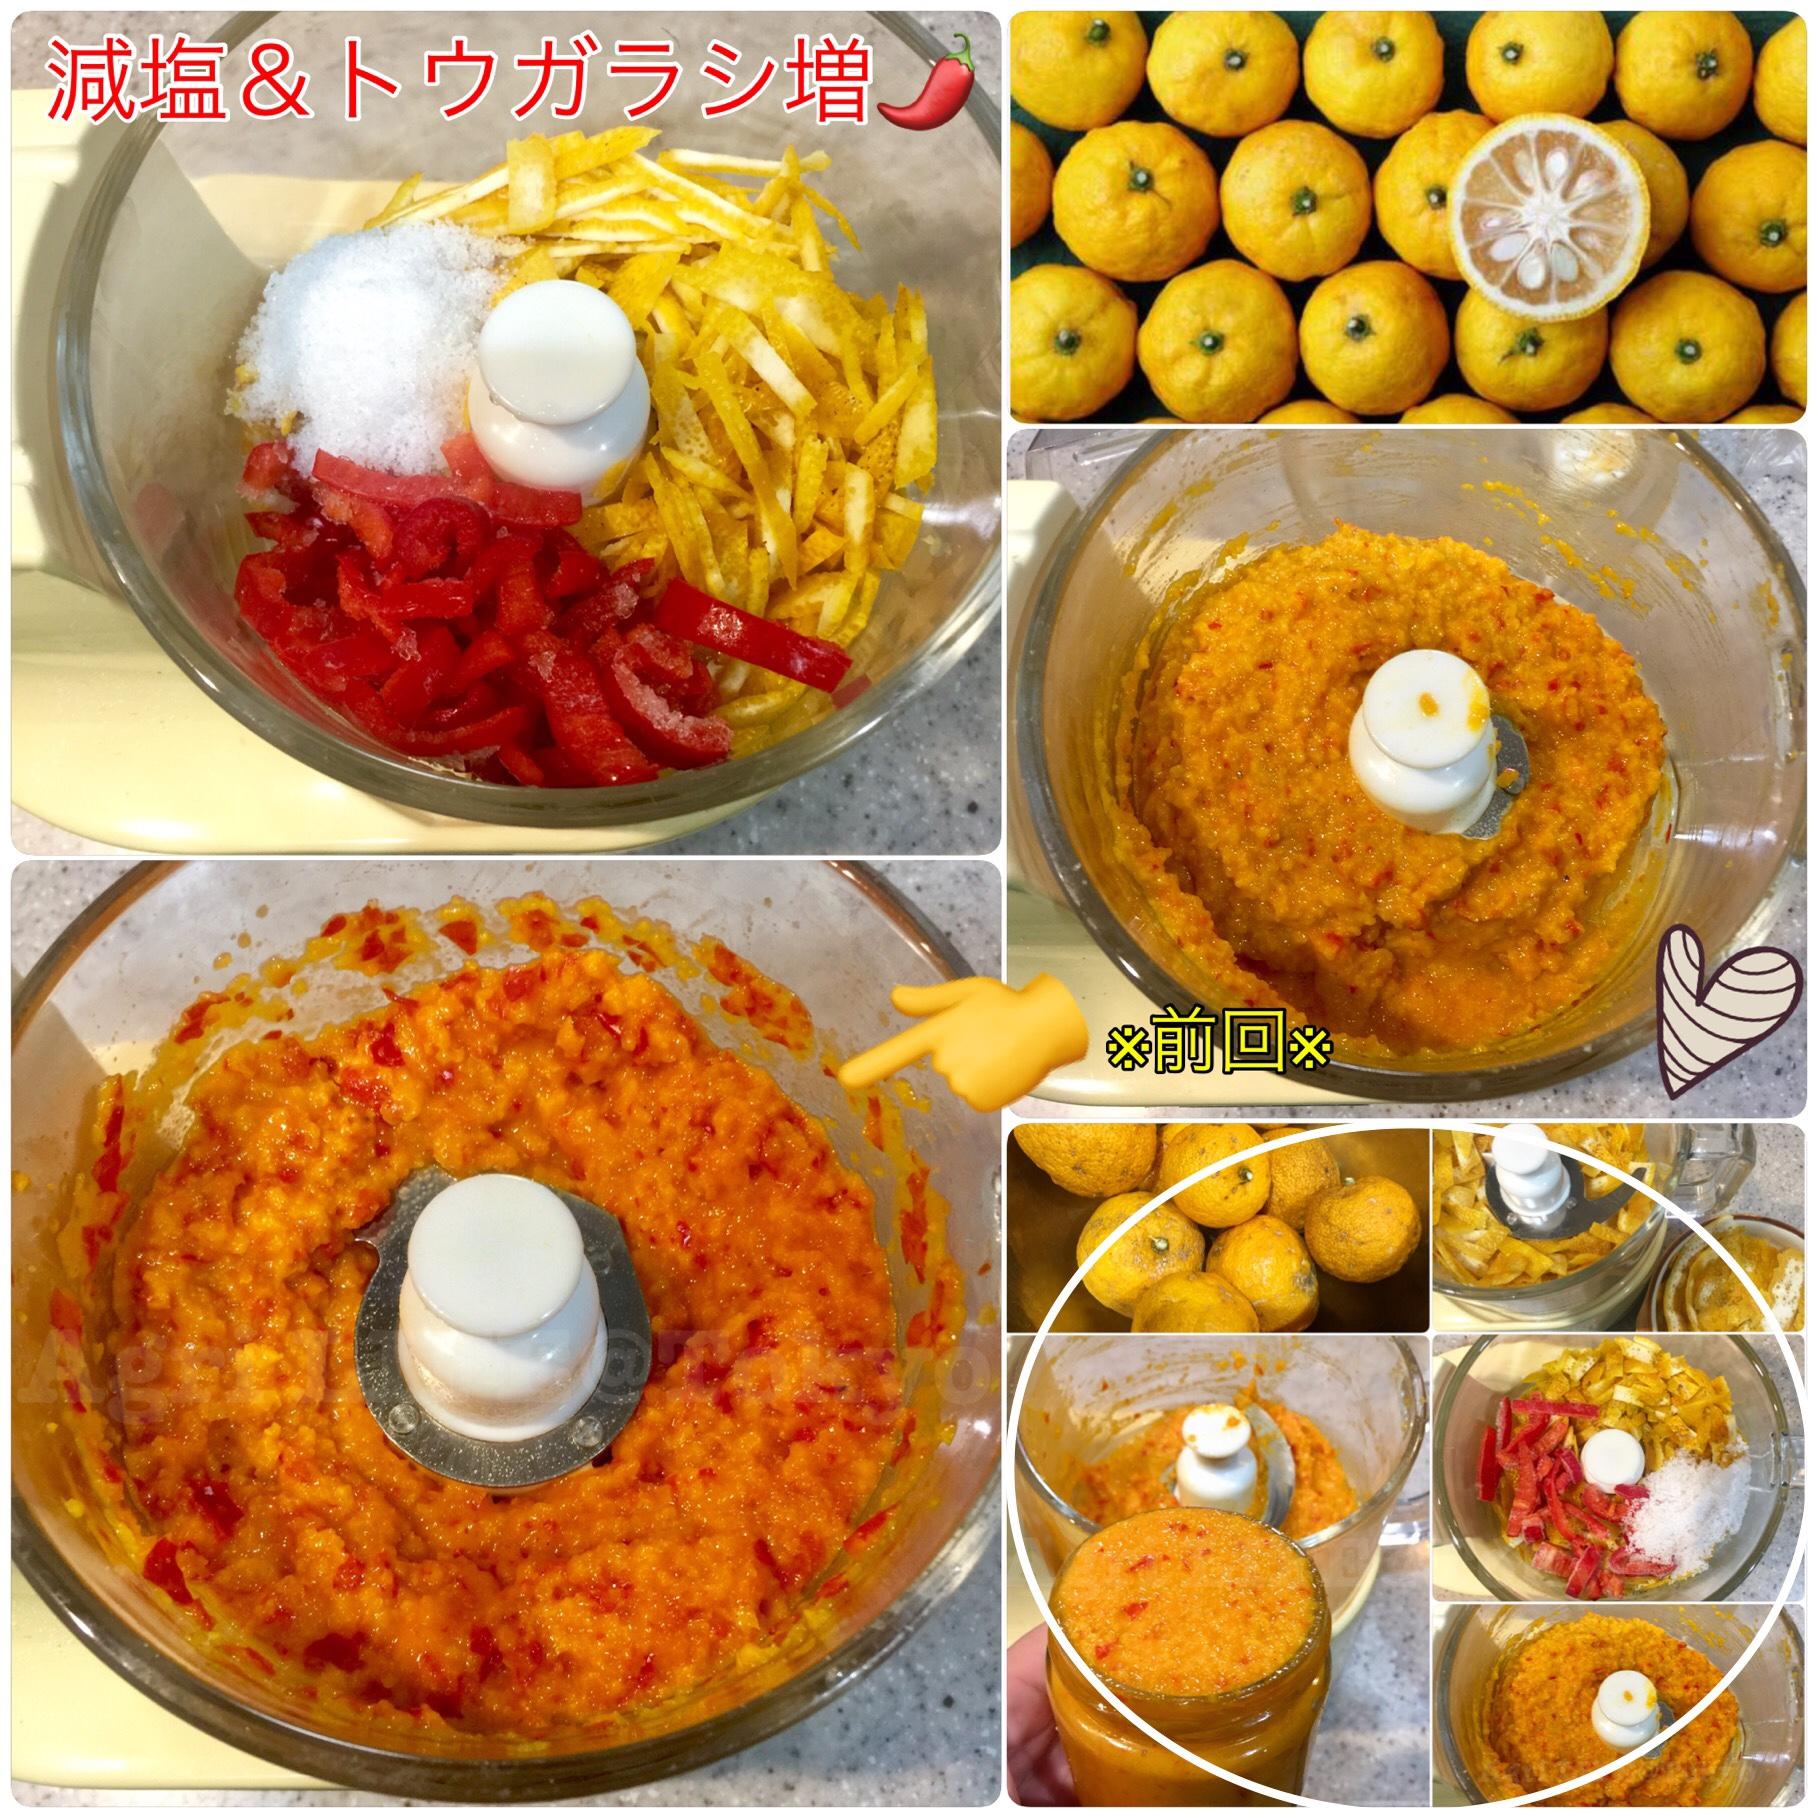 柚子胡椒の塩分濃度~冷凍保存の際の注意~